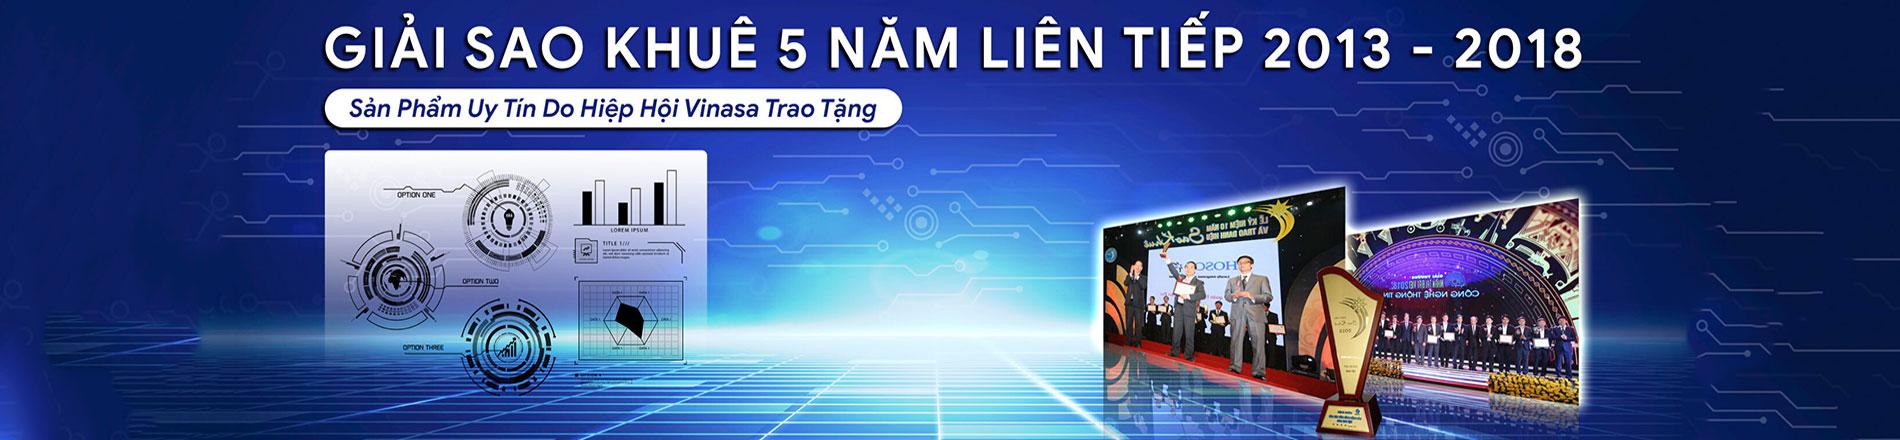 Hosco Việt Nam – Giải pháp phần mềm tổng thể